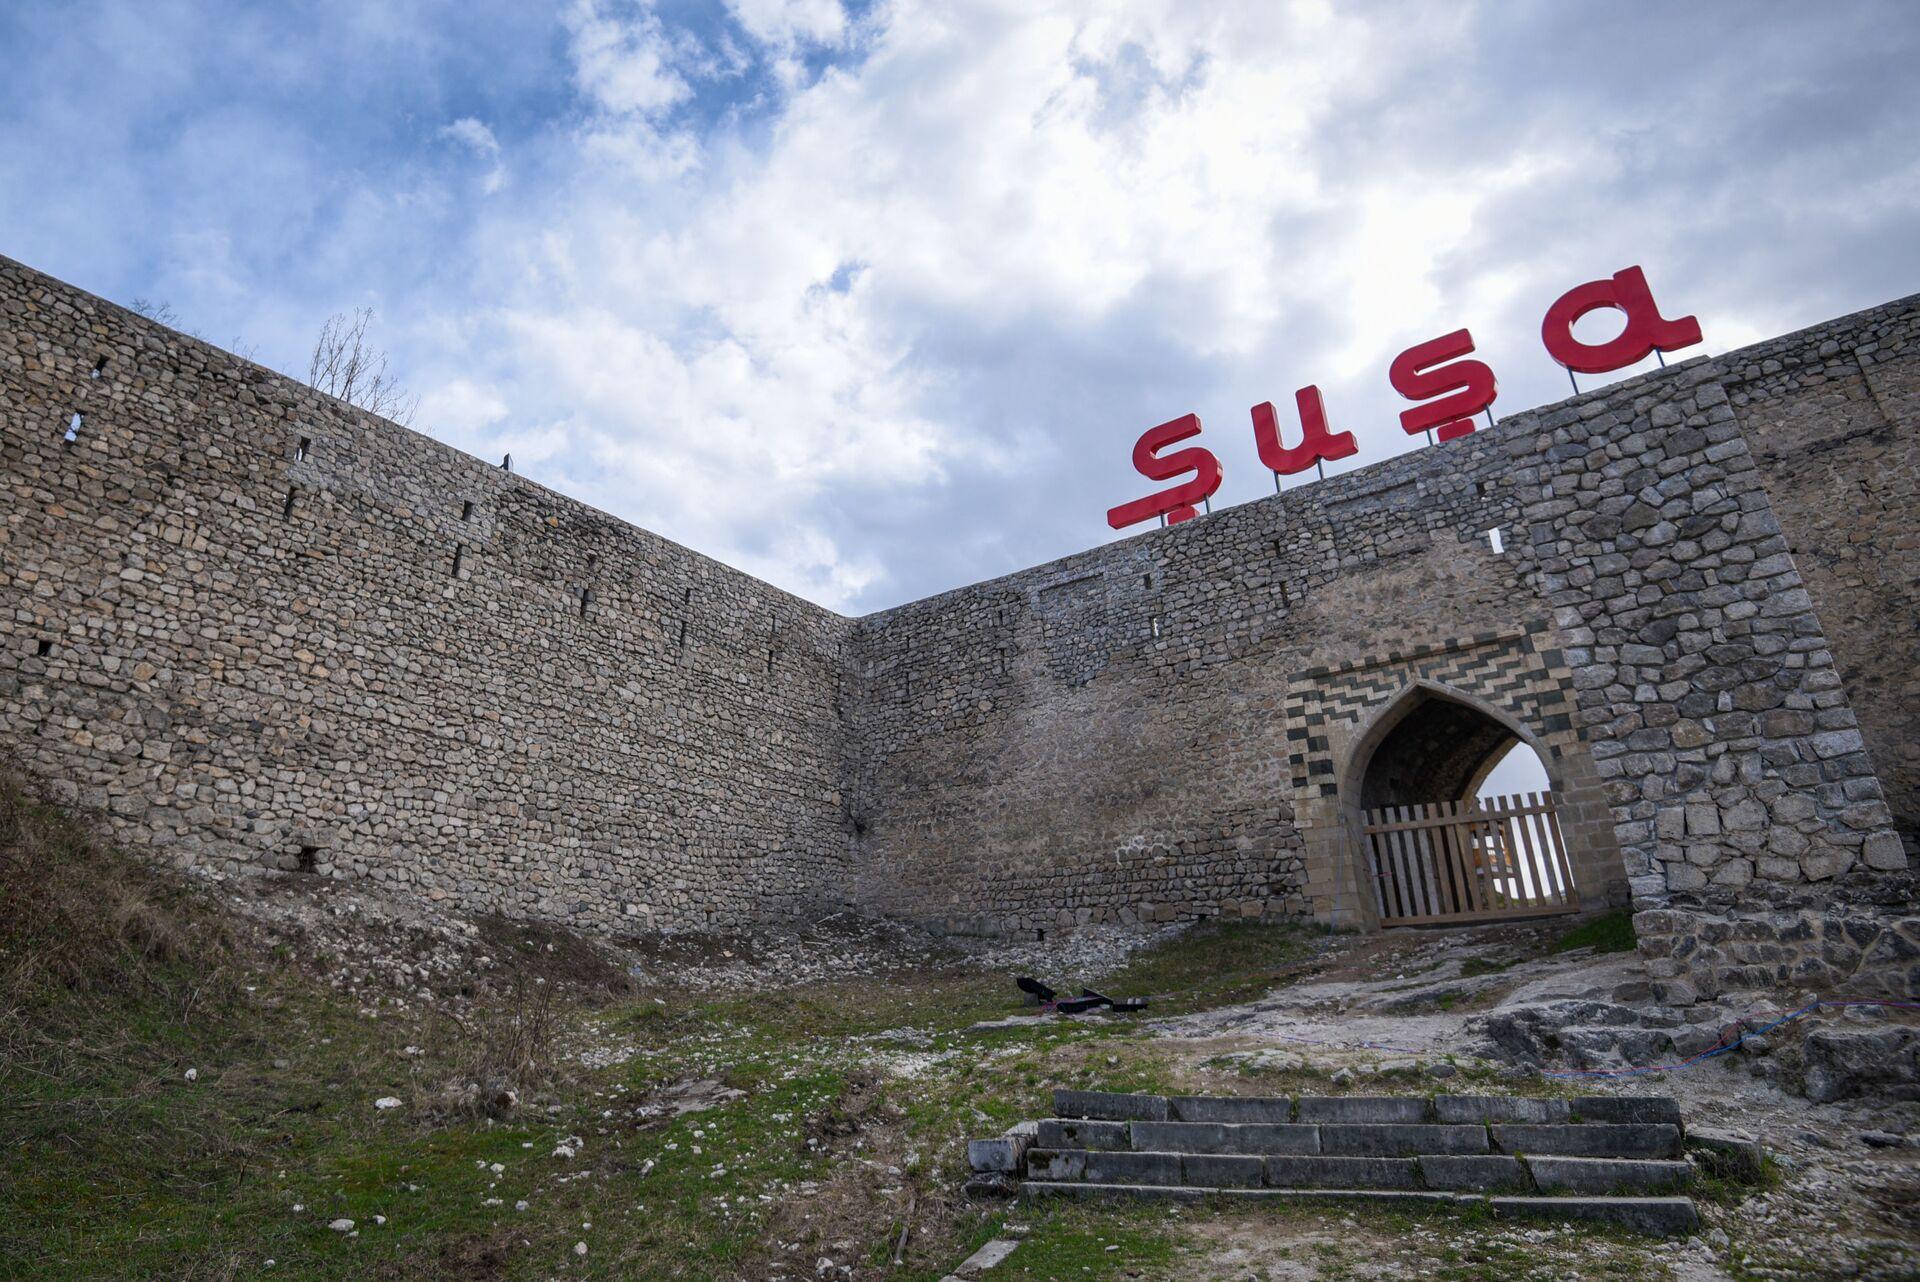 Крепостные стены в городе Шуша, фото из архива - Sputnik Азербайджан, 1920, 01.10.2021